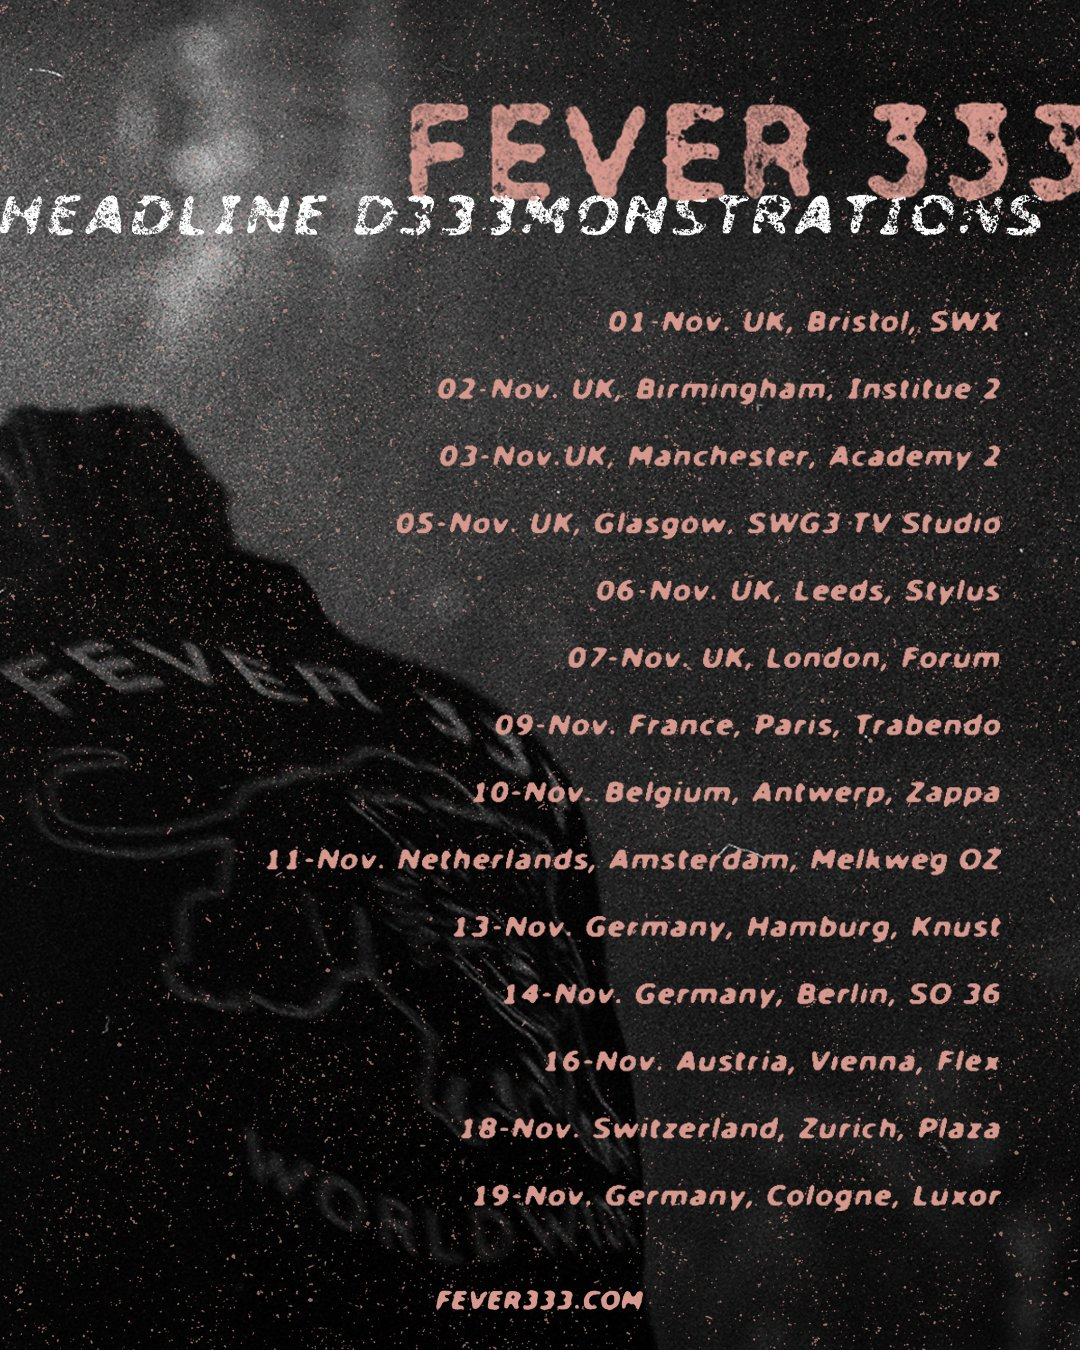 Tourposter - Fever 333 - Headline D333MONSTRATIONS Tour 2019